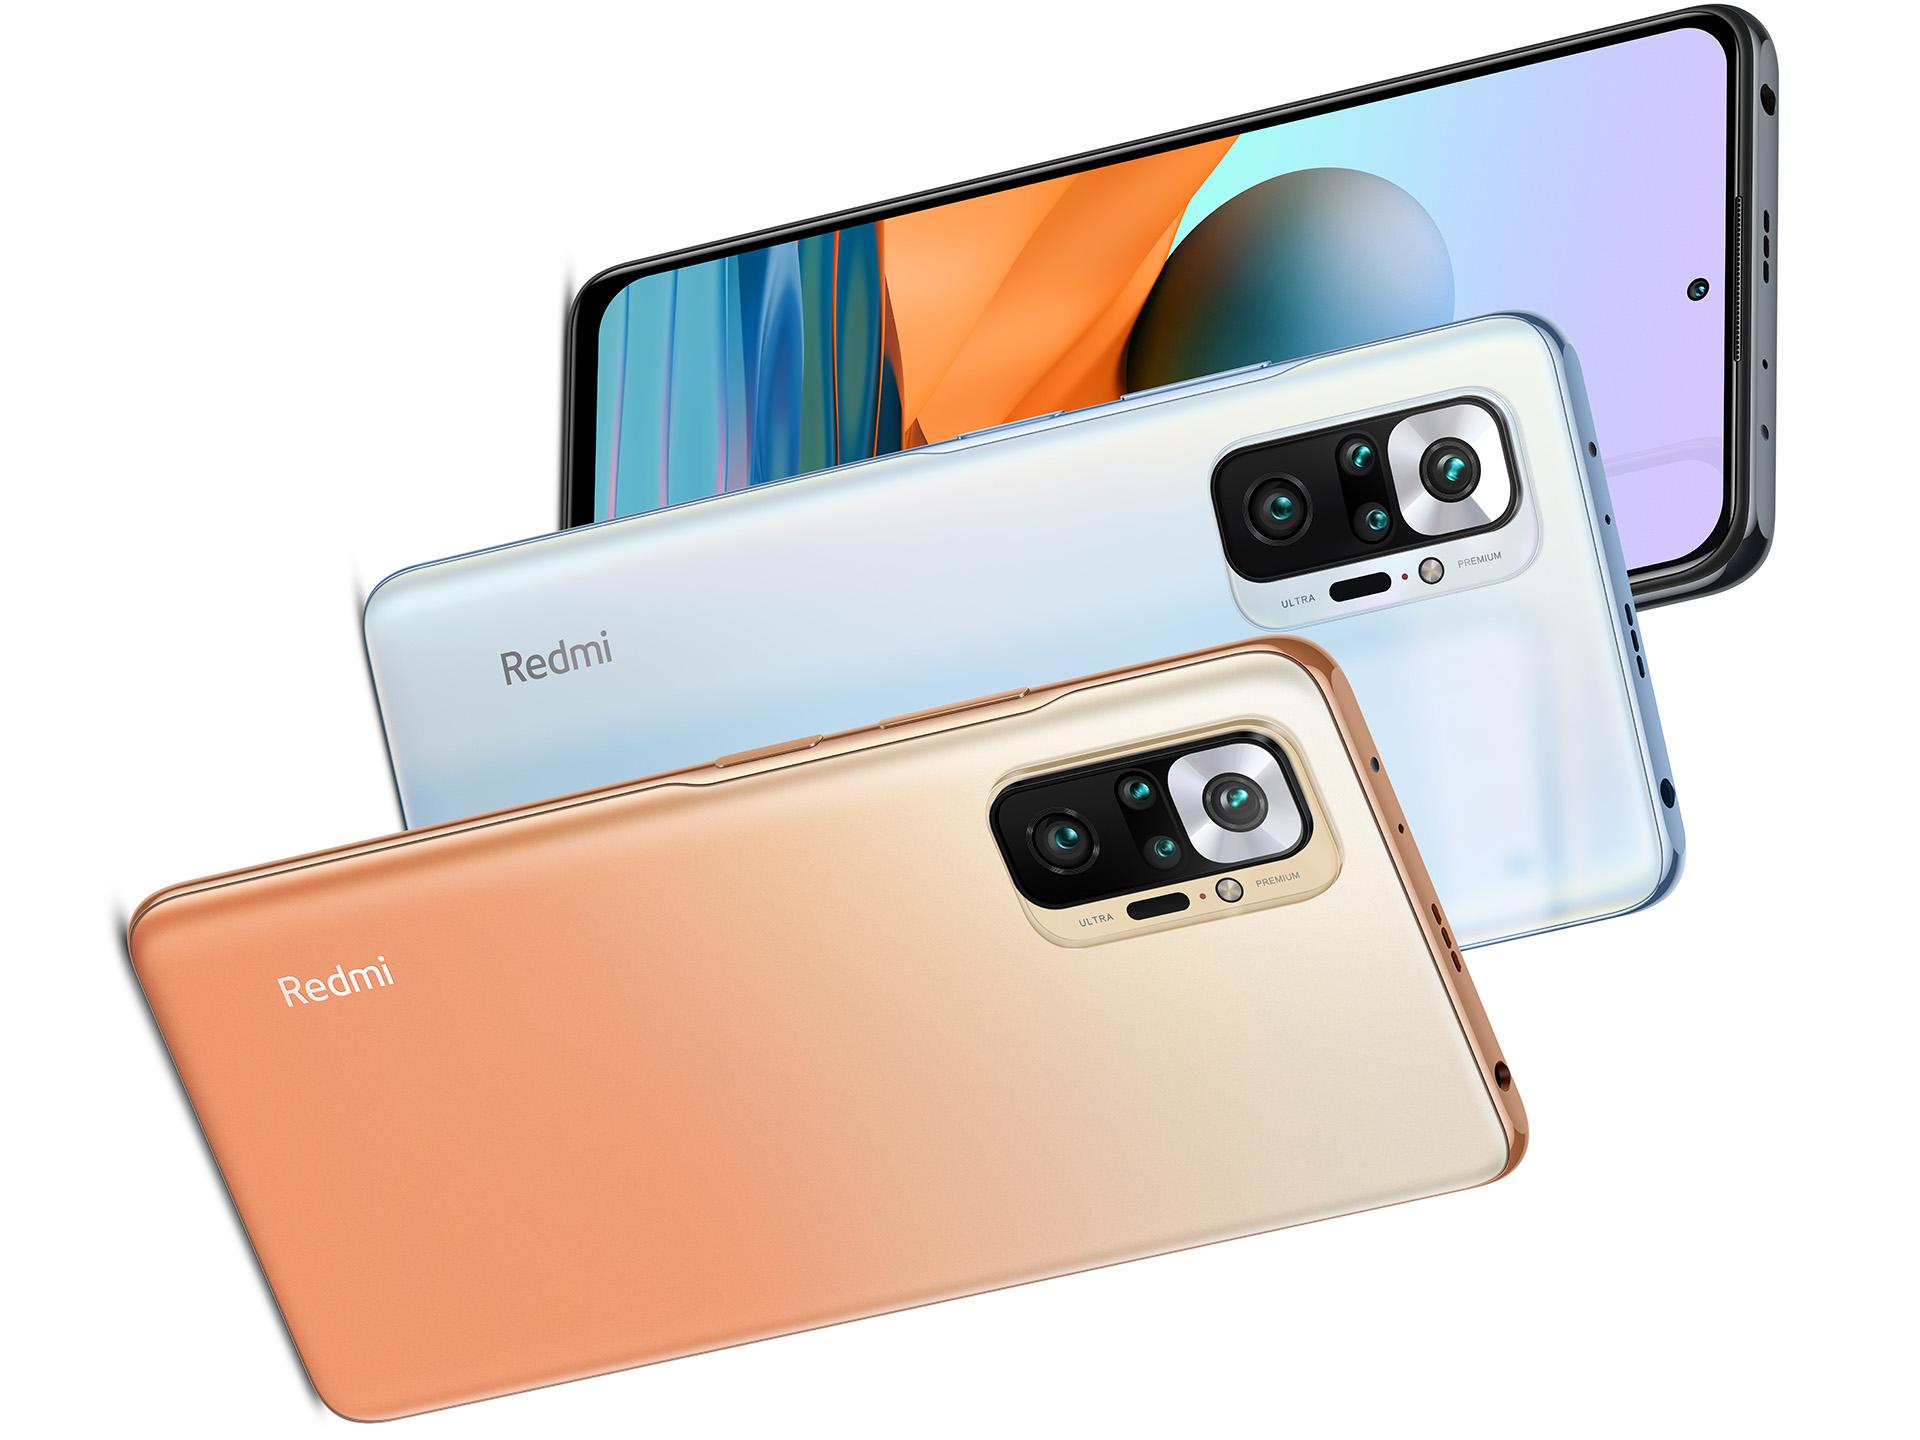 POCO F3, Mi 11 Lite, Redmi Note 10 Pro, Redmi Note 10, POCO X3 Pro BATTERY CHARGING TEST, BATTERY CHARGING TEST